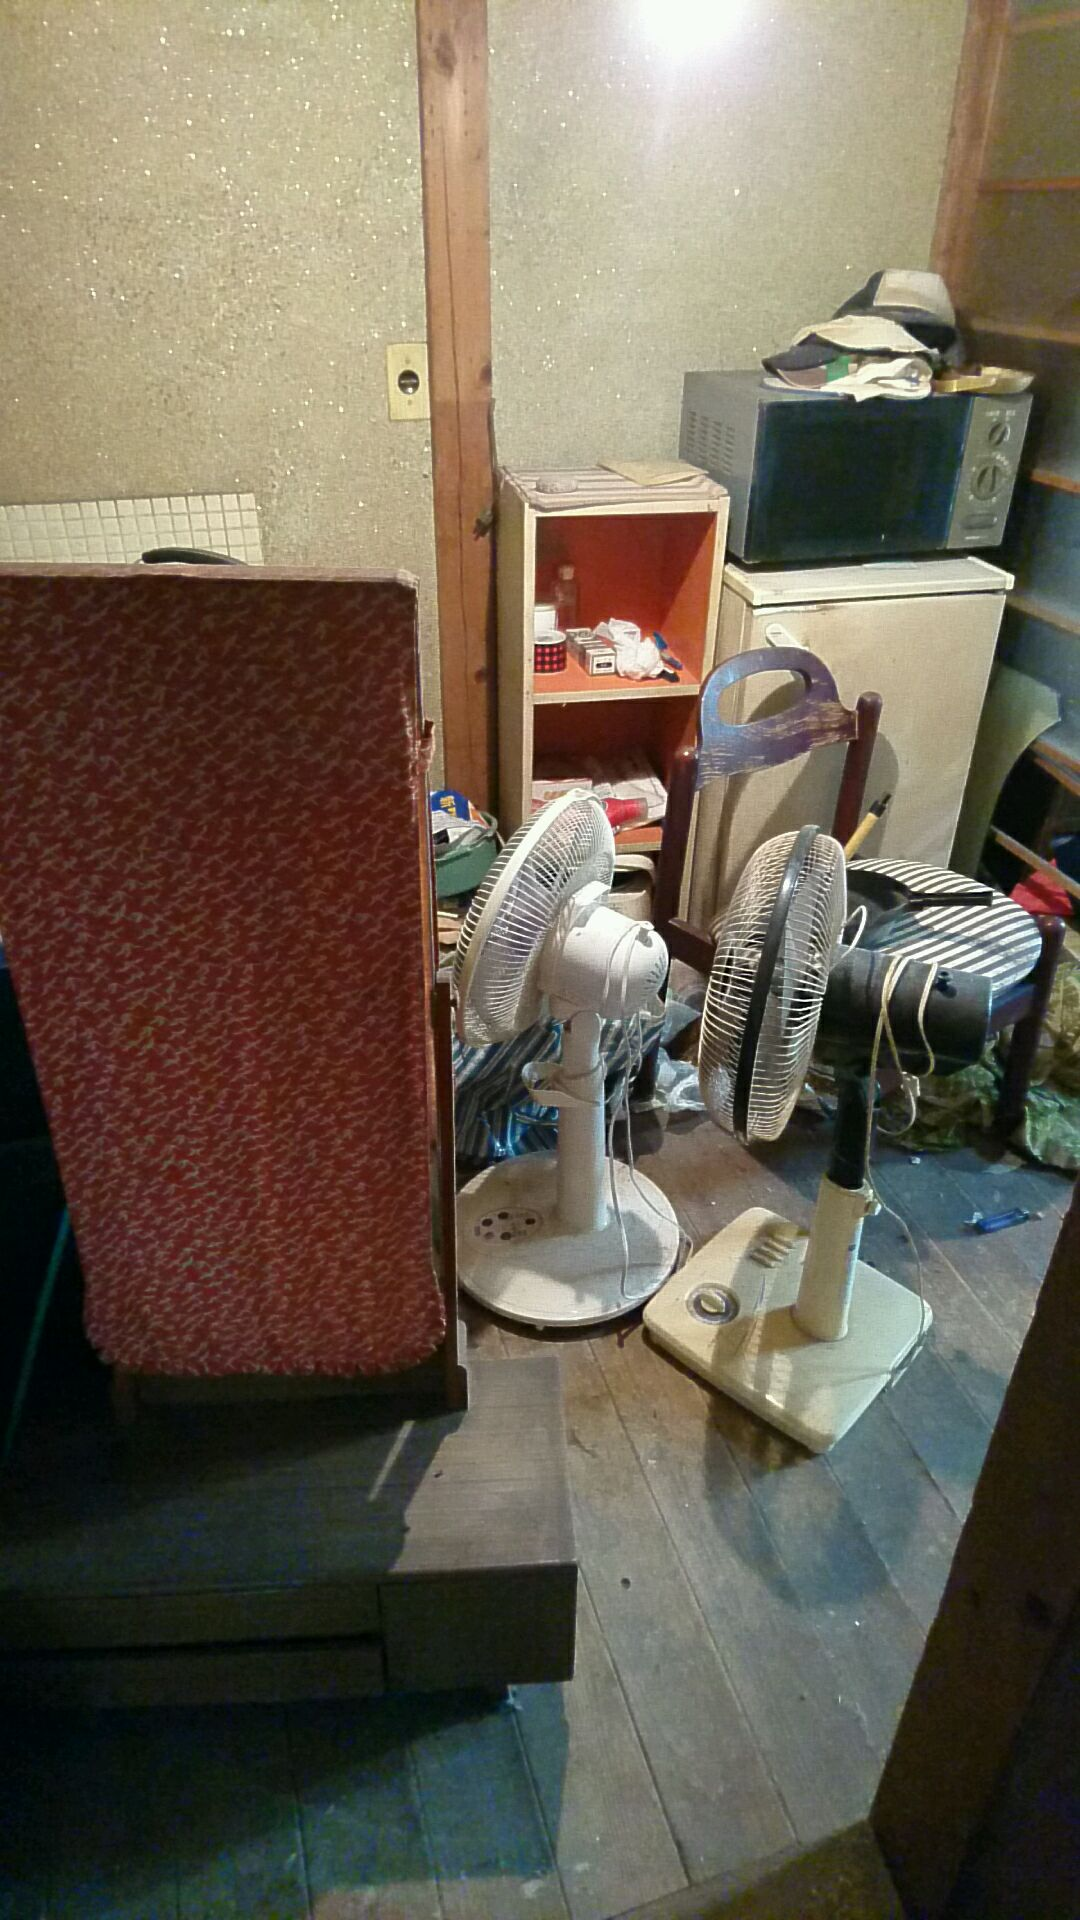 【愛知県名古屋市熱田区】リフォーム準備のため古い家電・家具の粗大ゴミ処分